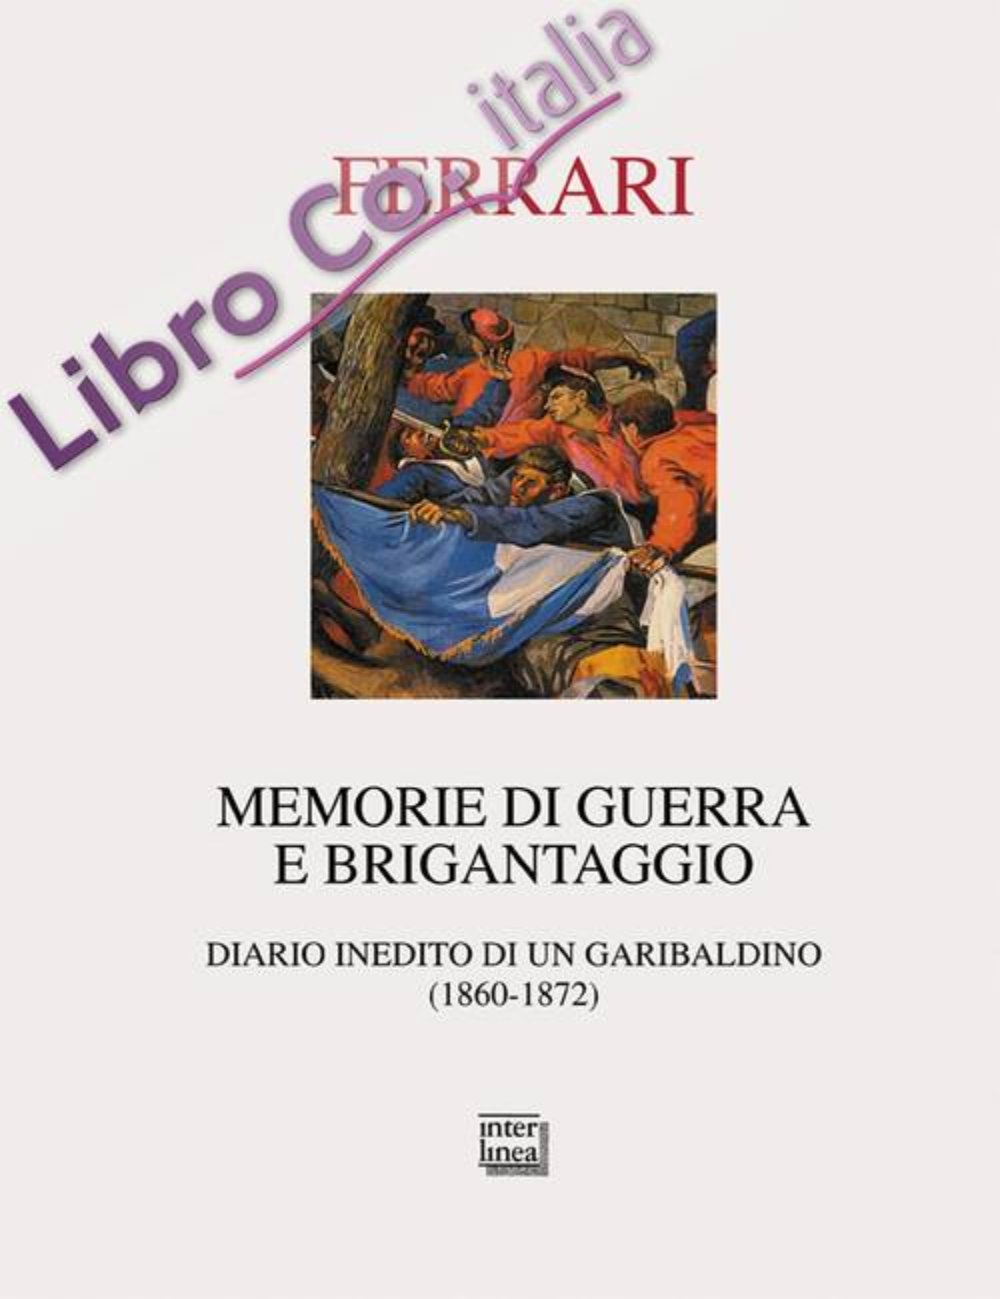 Memorie di guerra e brigantaggio. Diario inedito di un garibaldino (1860-1872).